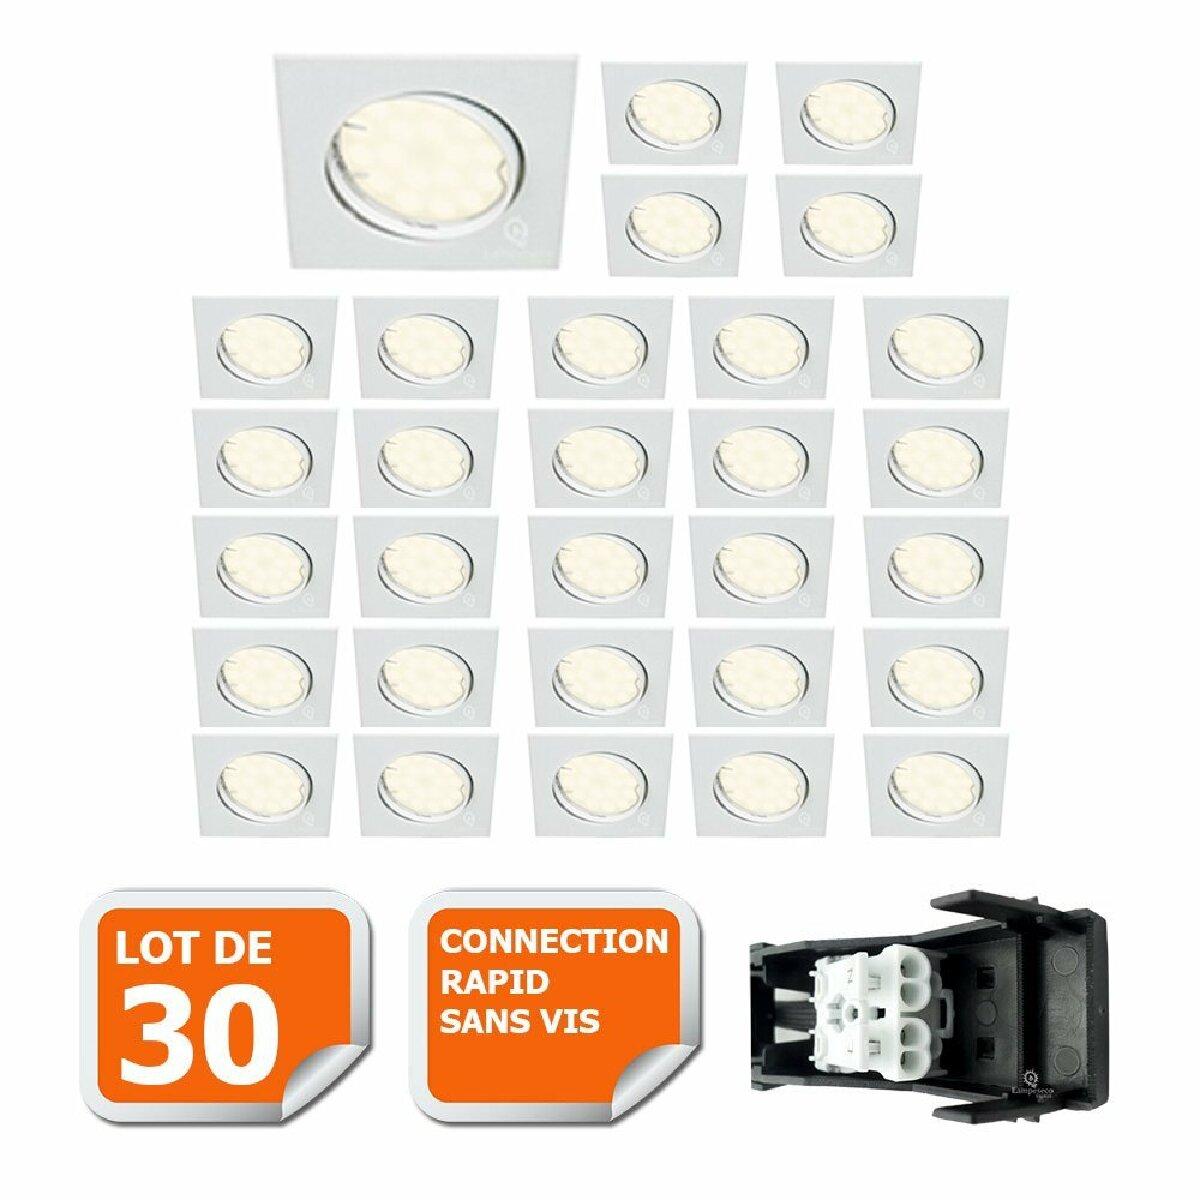 Lampesecoenergie LOT DE 30 SPOT ENCASTRABLE ORIENTABLE LED CARRE GU10 230V eq. 50W BLANC NEUTRE